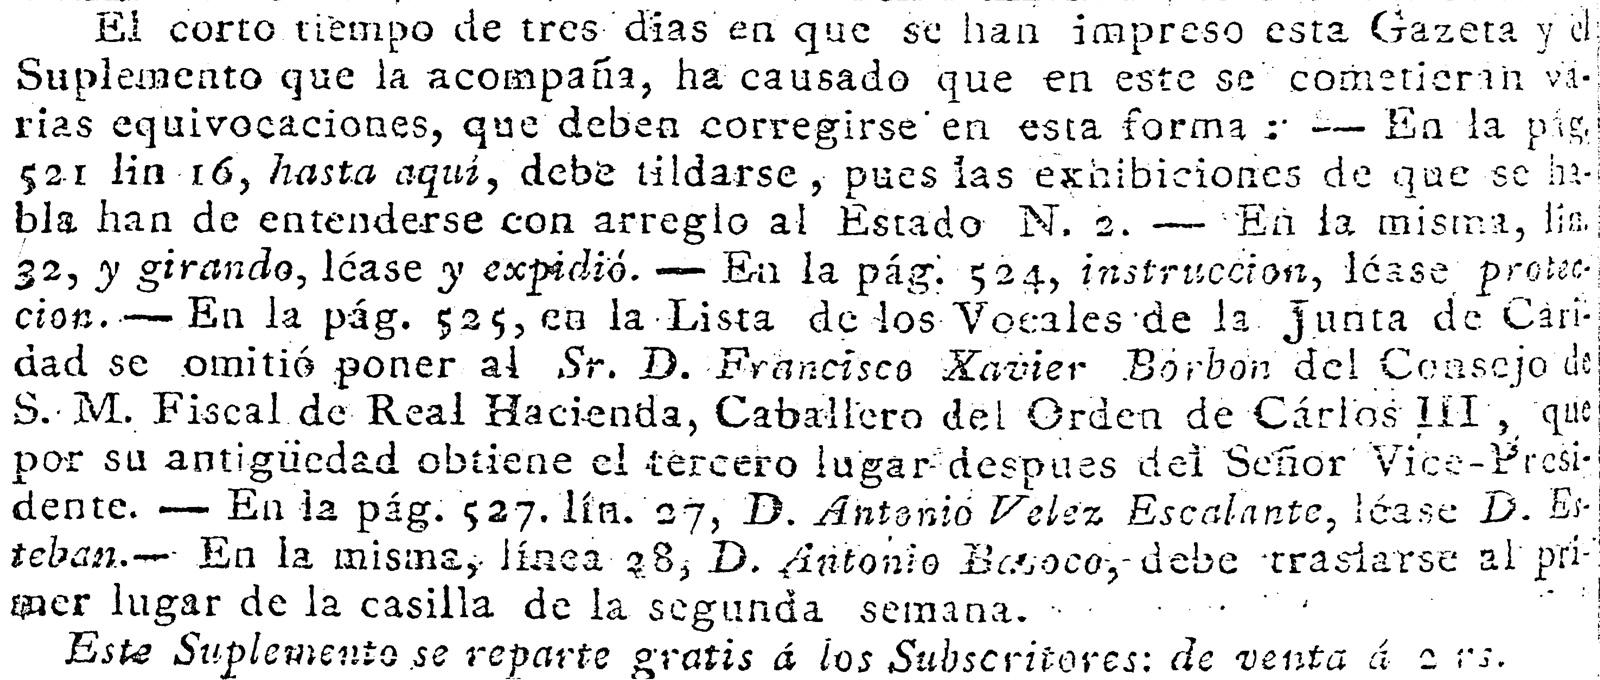 Fe de erratas en la Gazeta de México, editada por Manuel Antonio Valdés y Murguía, para la edición del 13 de agosto de 1806